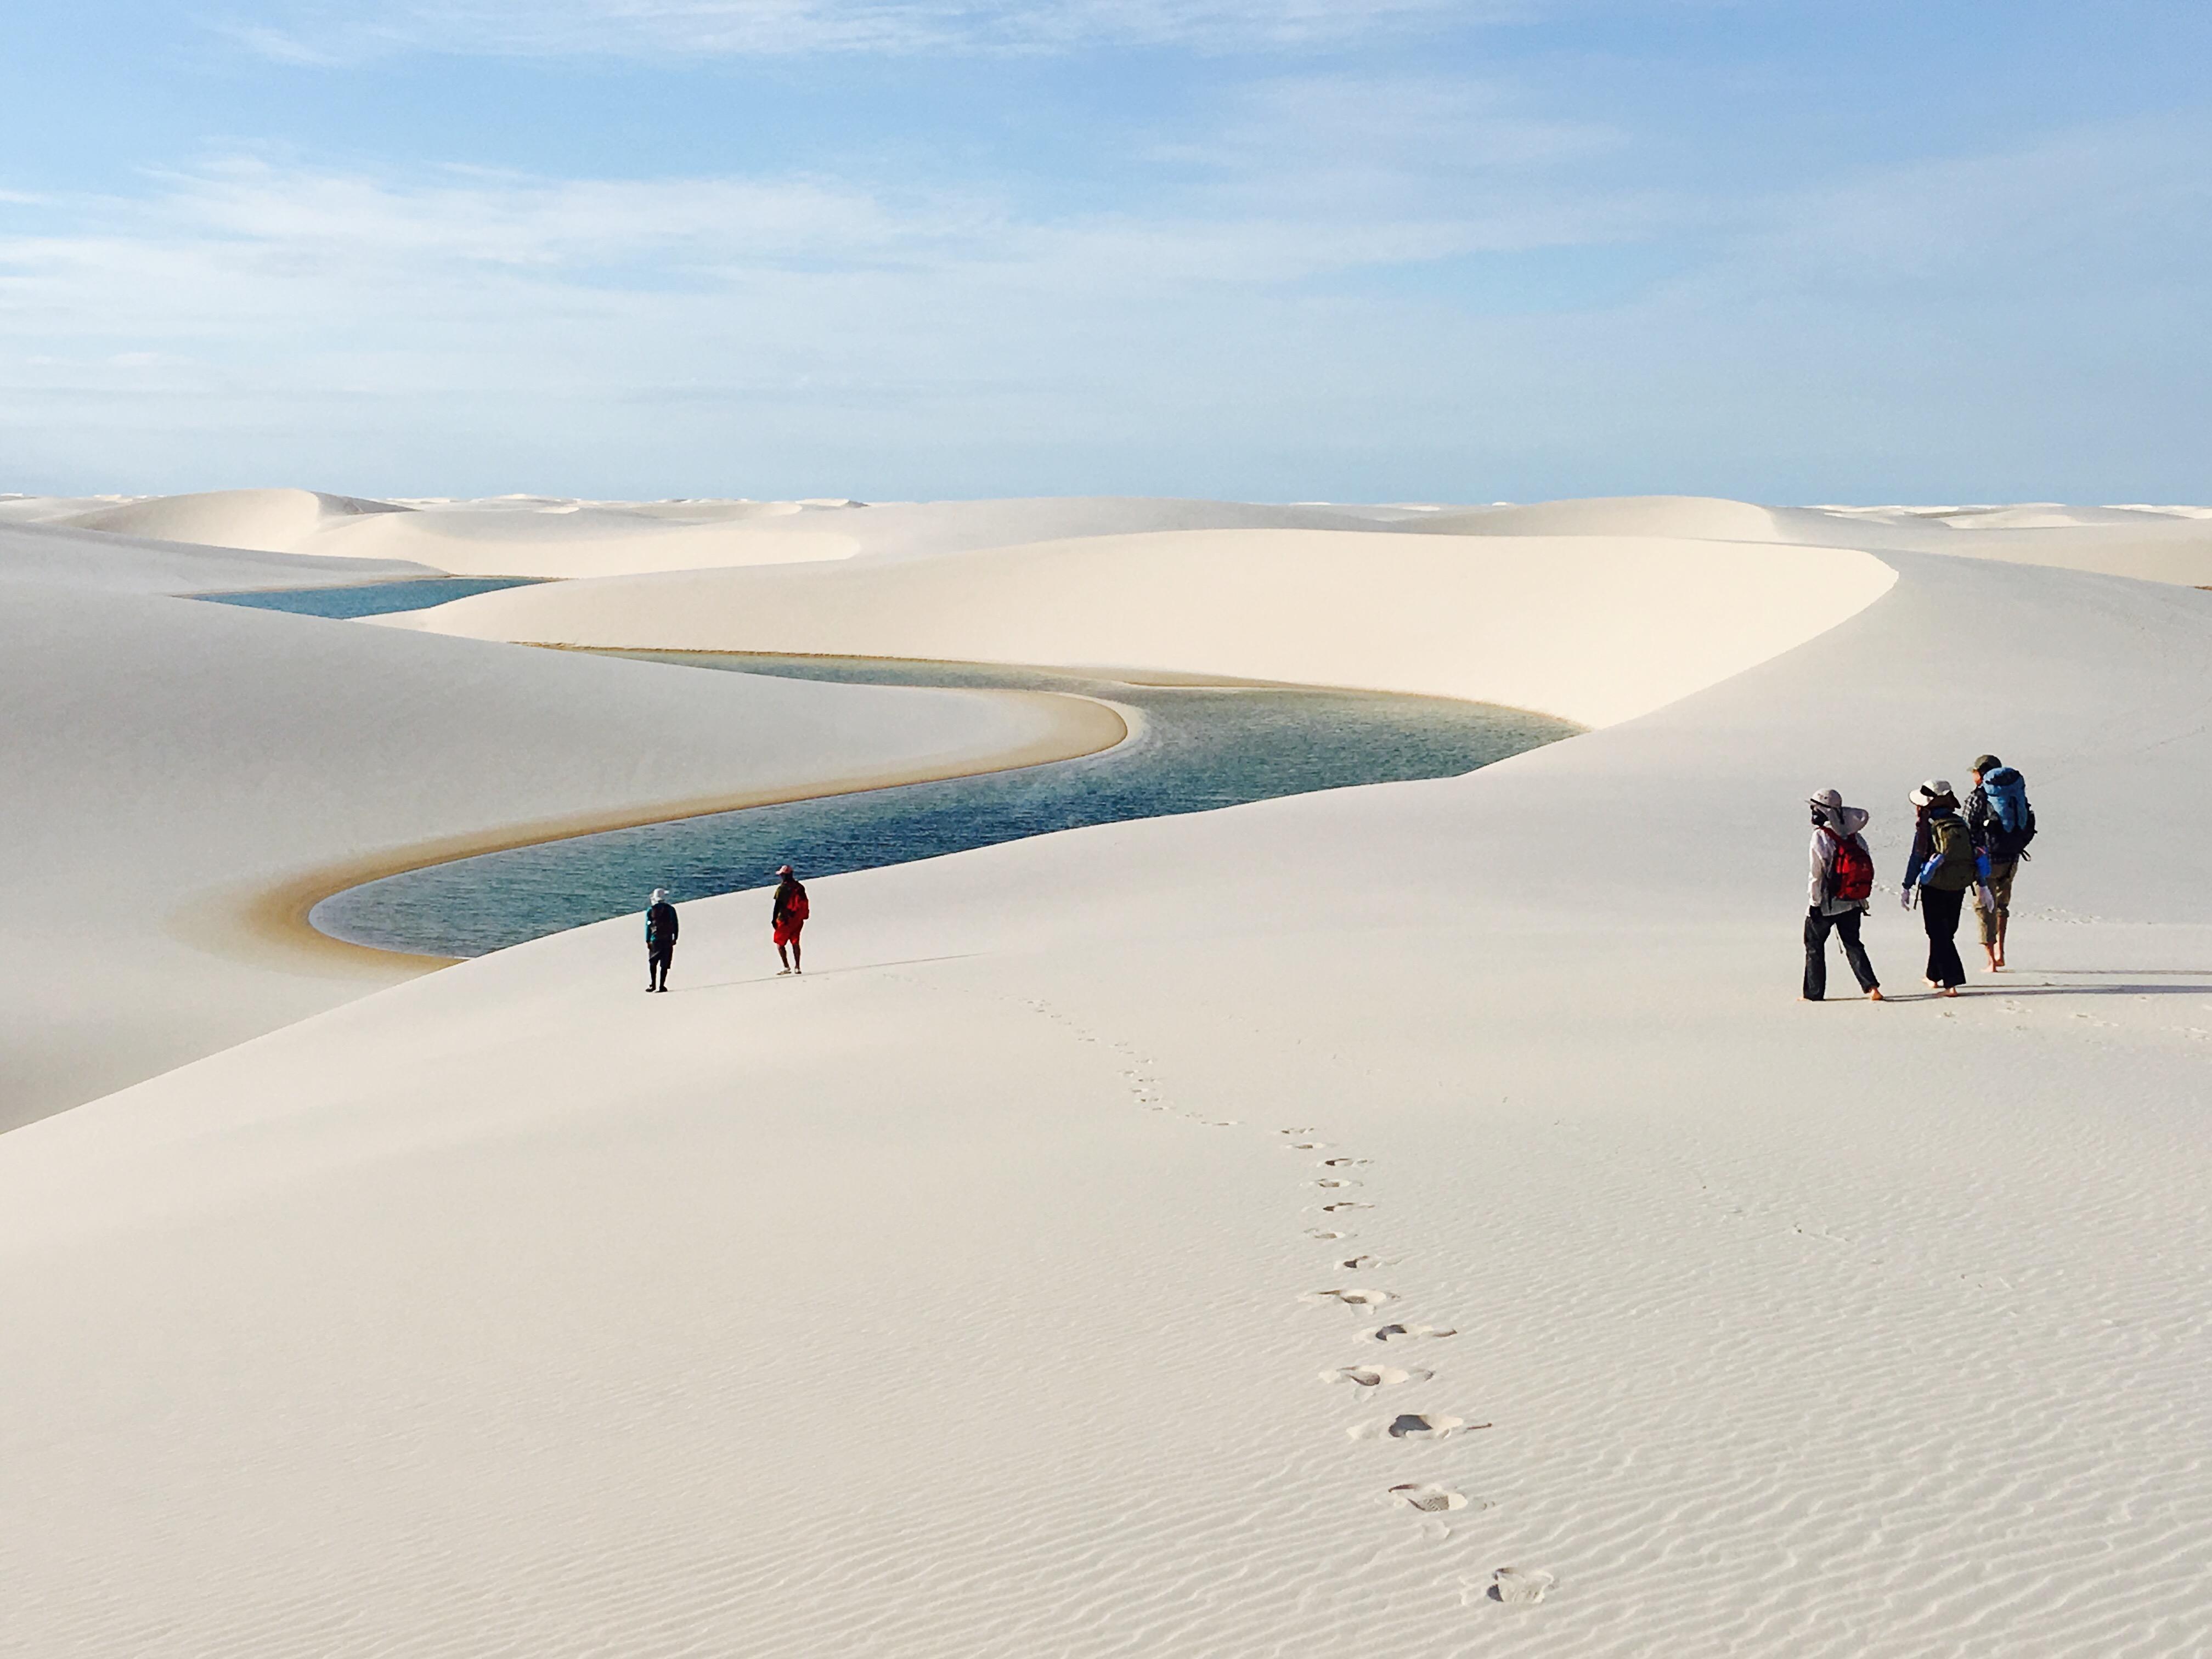 純白のシーツを広げたように美しいレンソイス白砂漠(ブラジル)